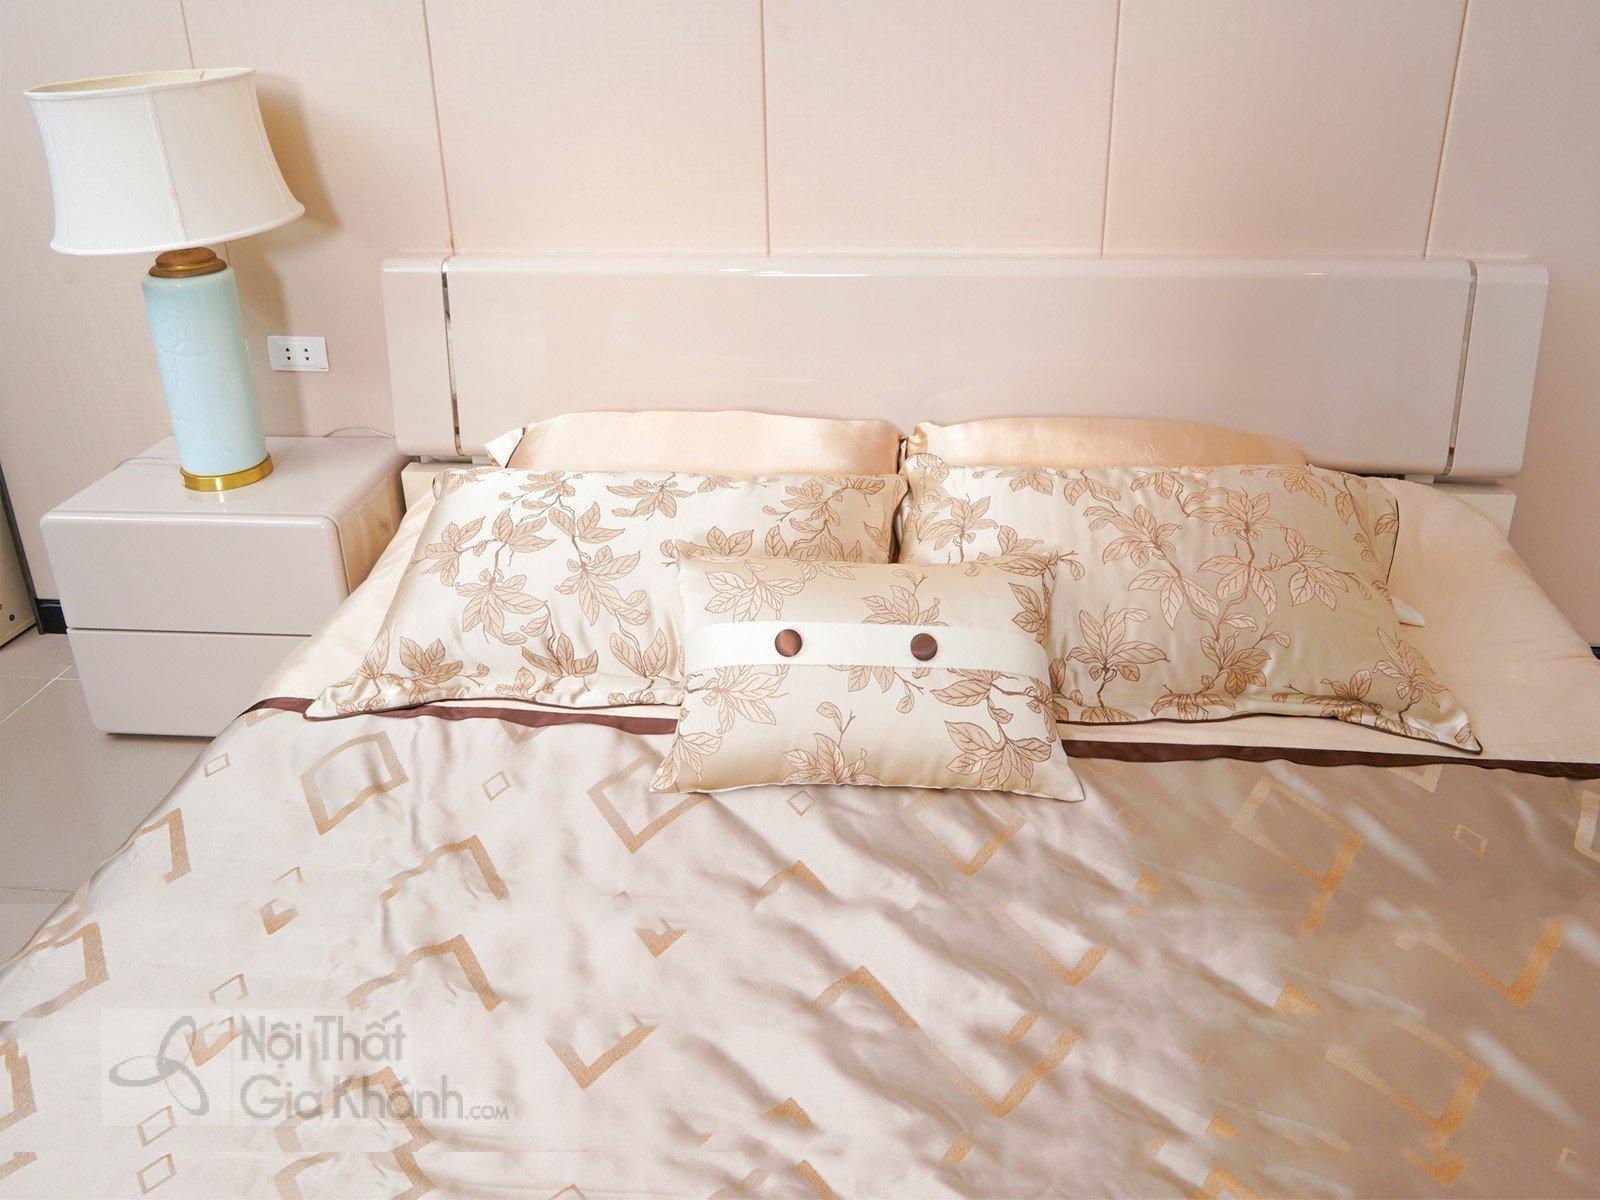 Giường Ngủ Hiện Đại Cao Cấp Gỗ Tự Nhiên GI3305B-18